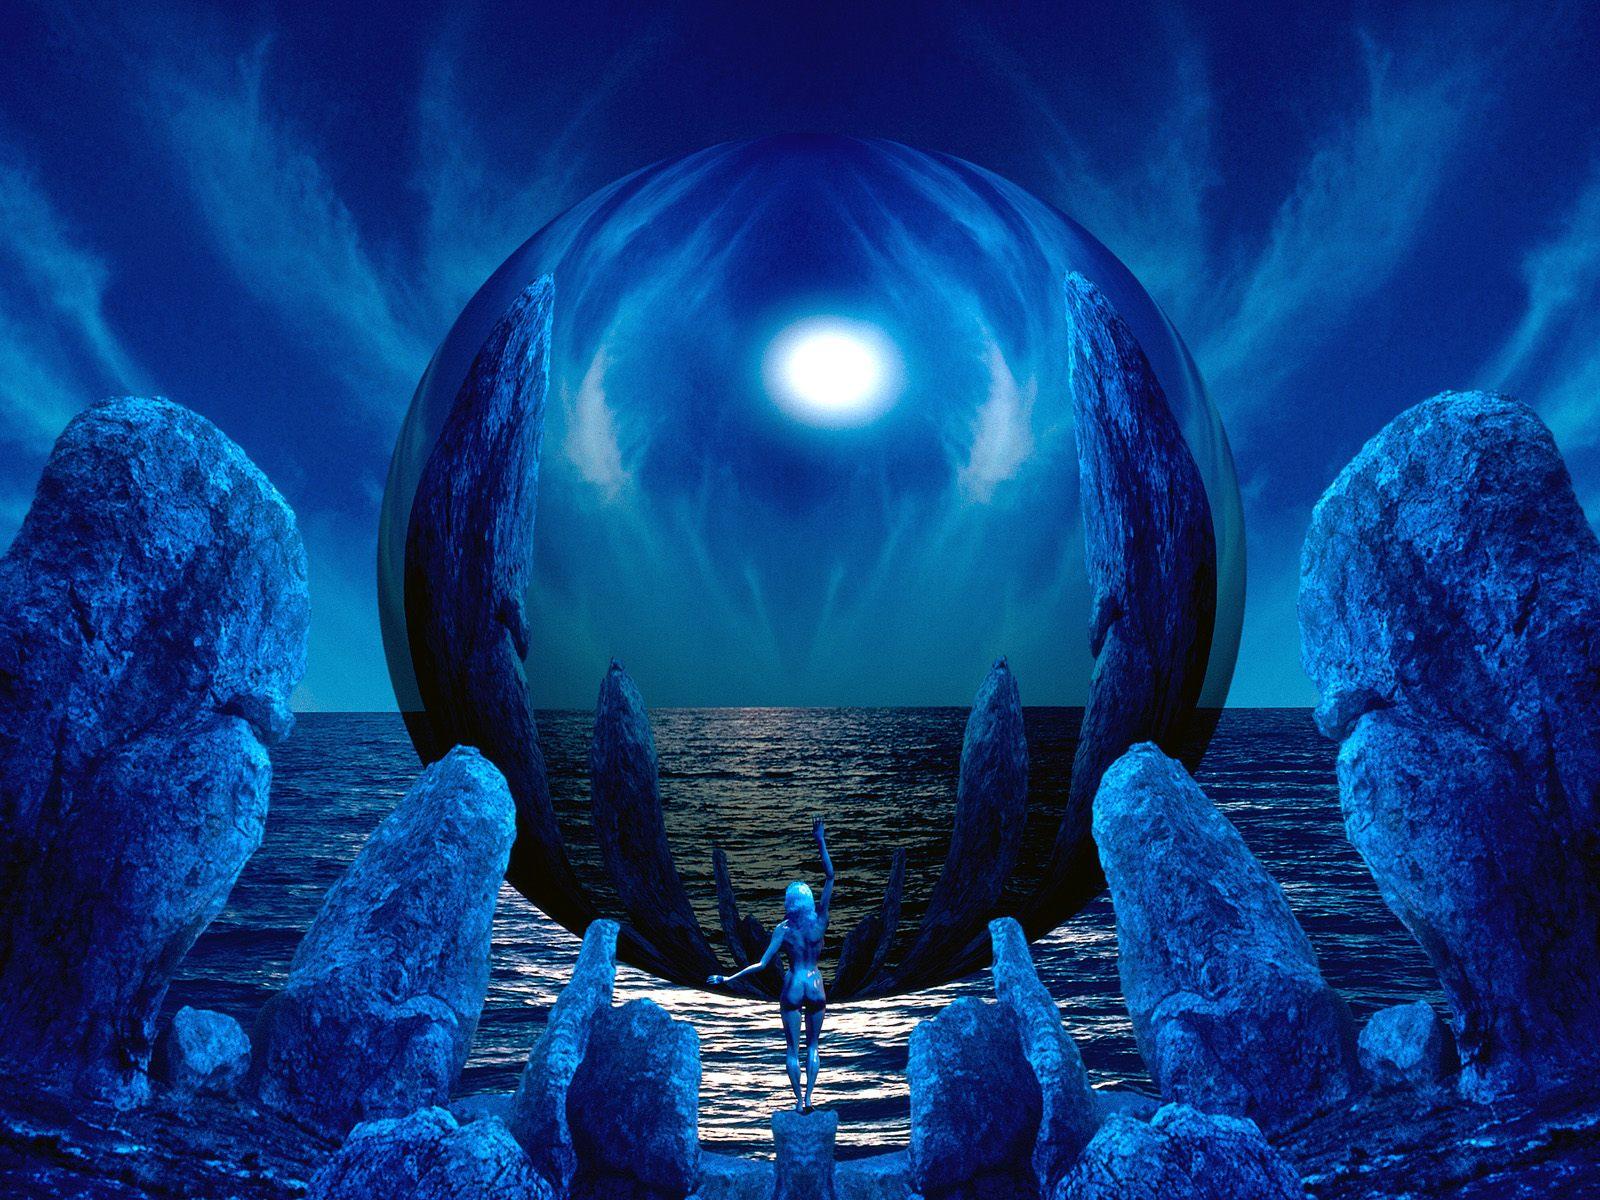 Um mundo distante...